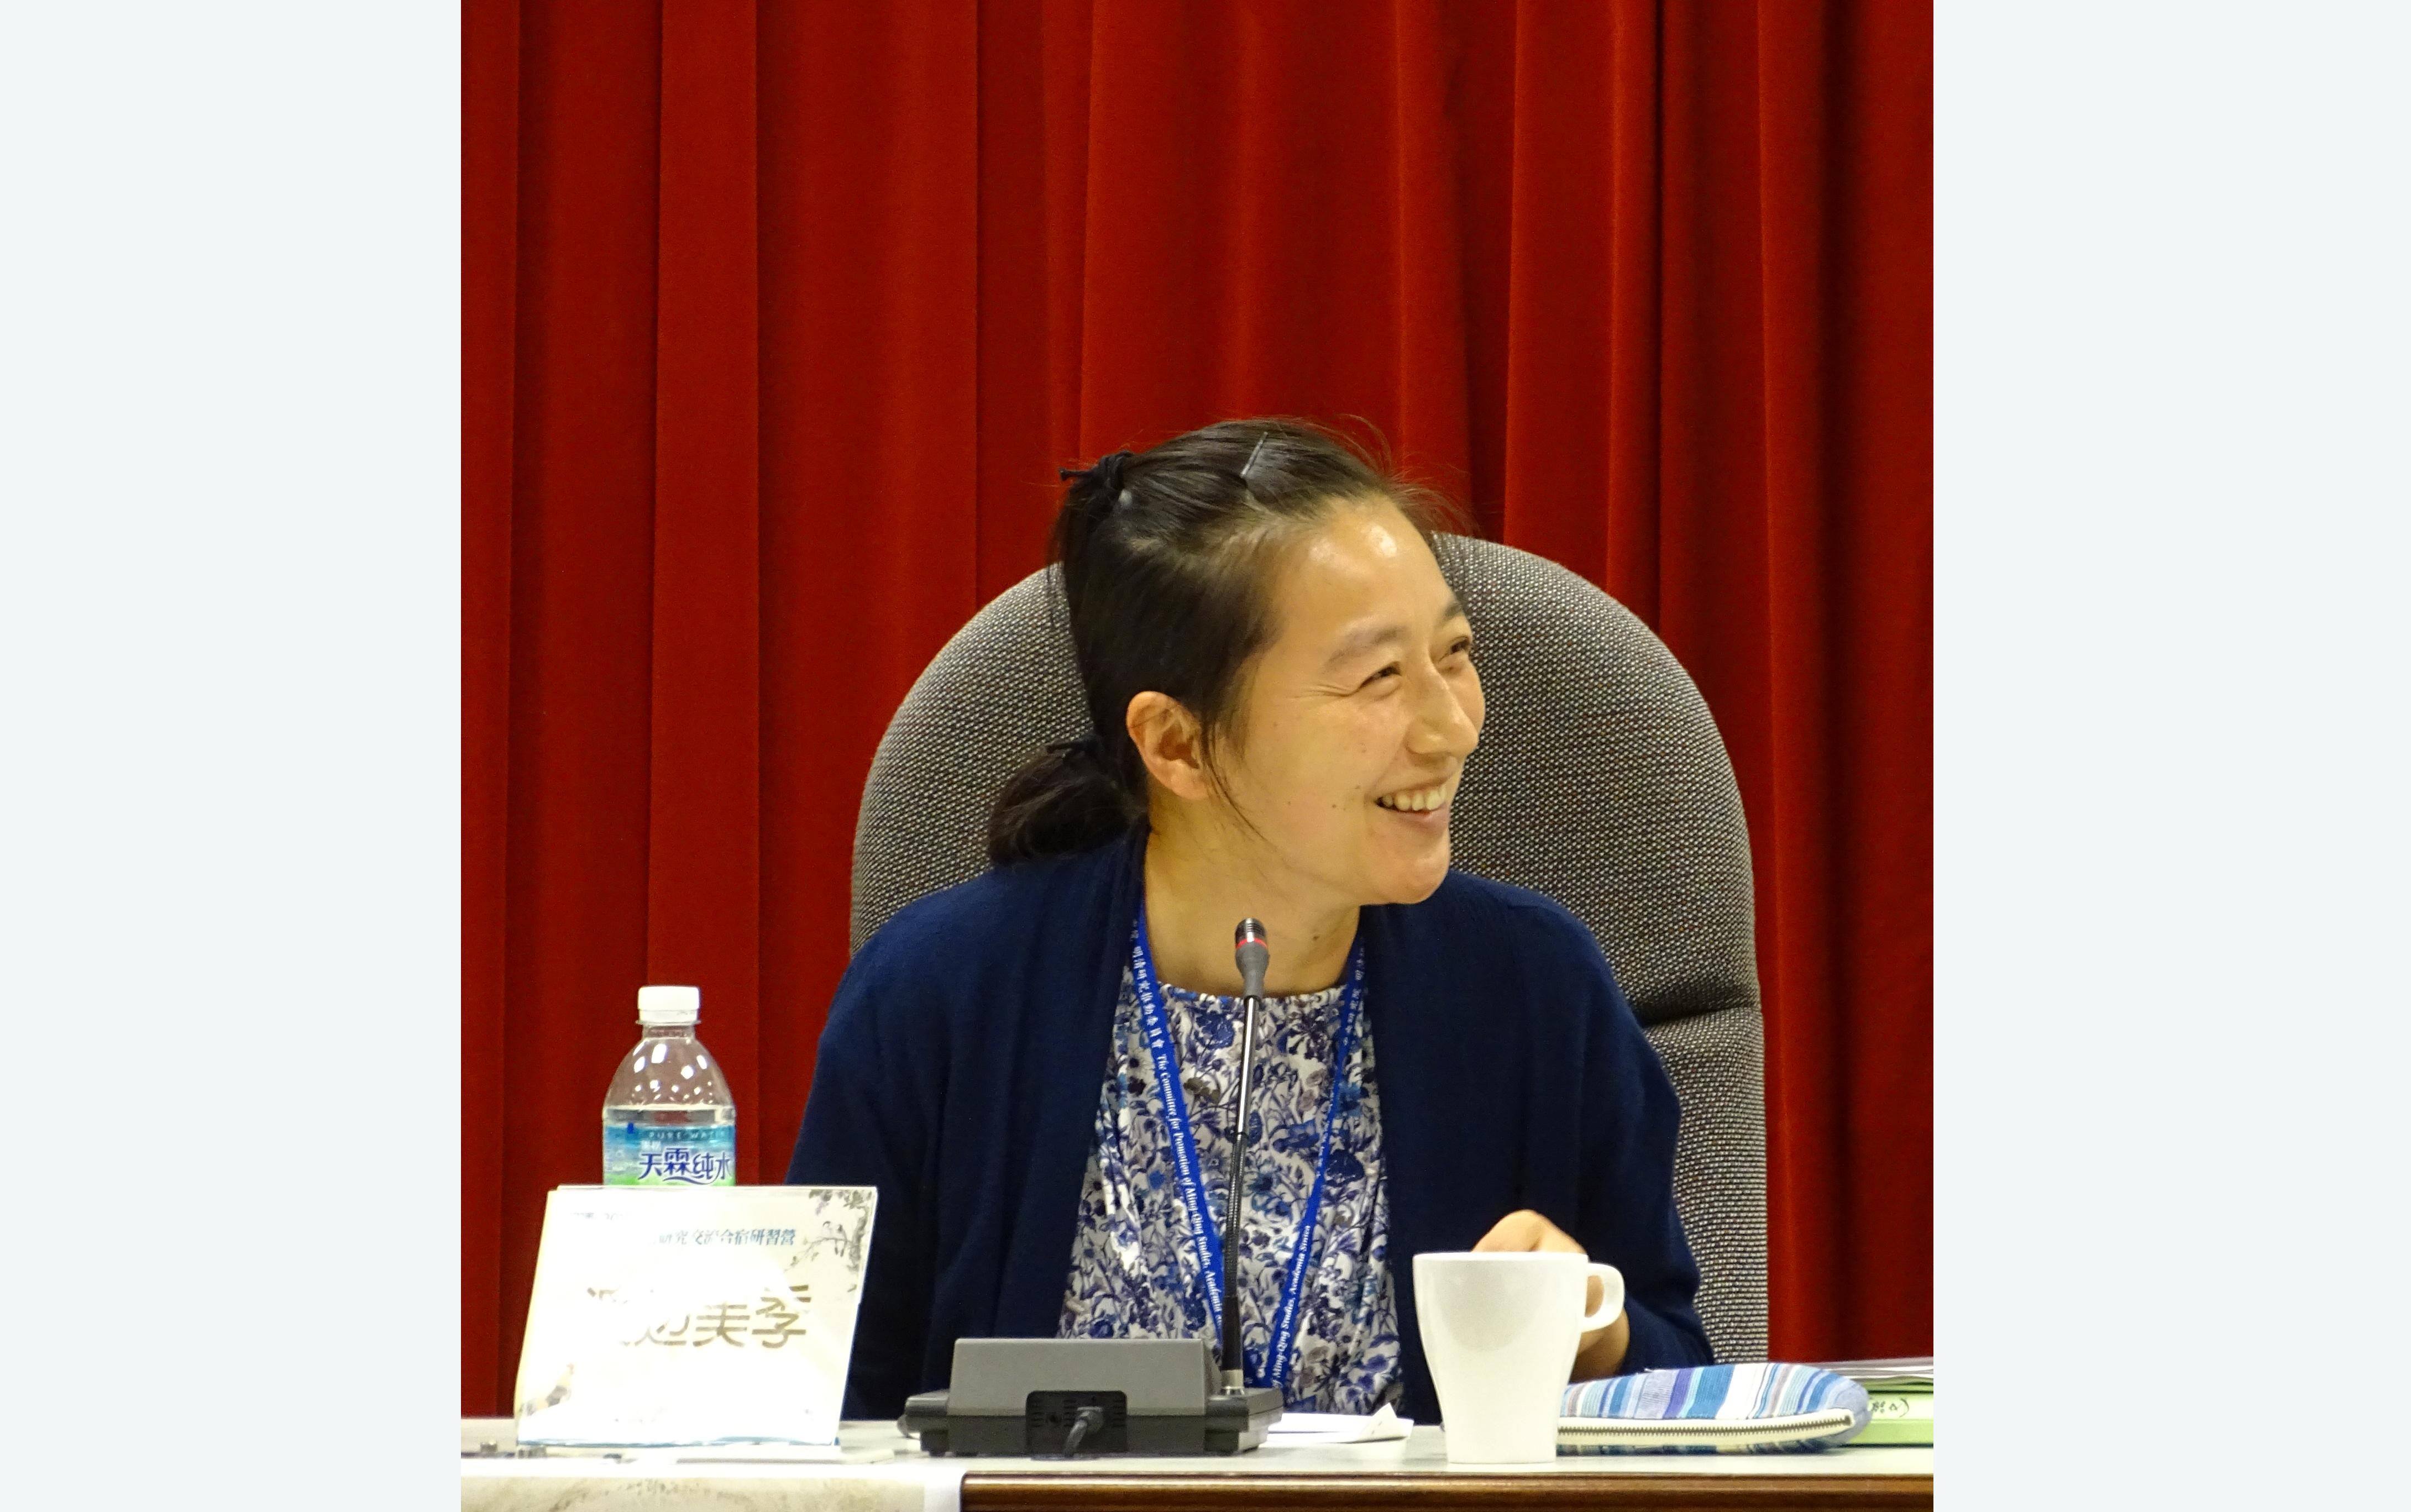 """渡辺美季教授演講「日明""""勘合""""交渉と琉球、そして台湾」紀要"""